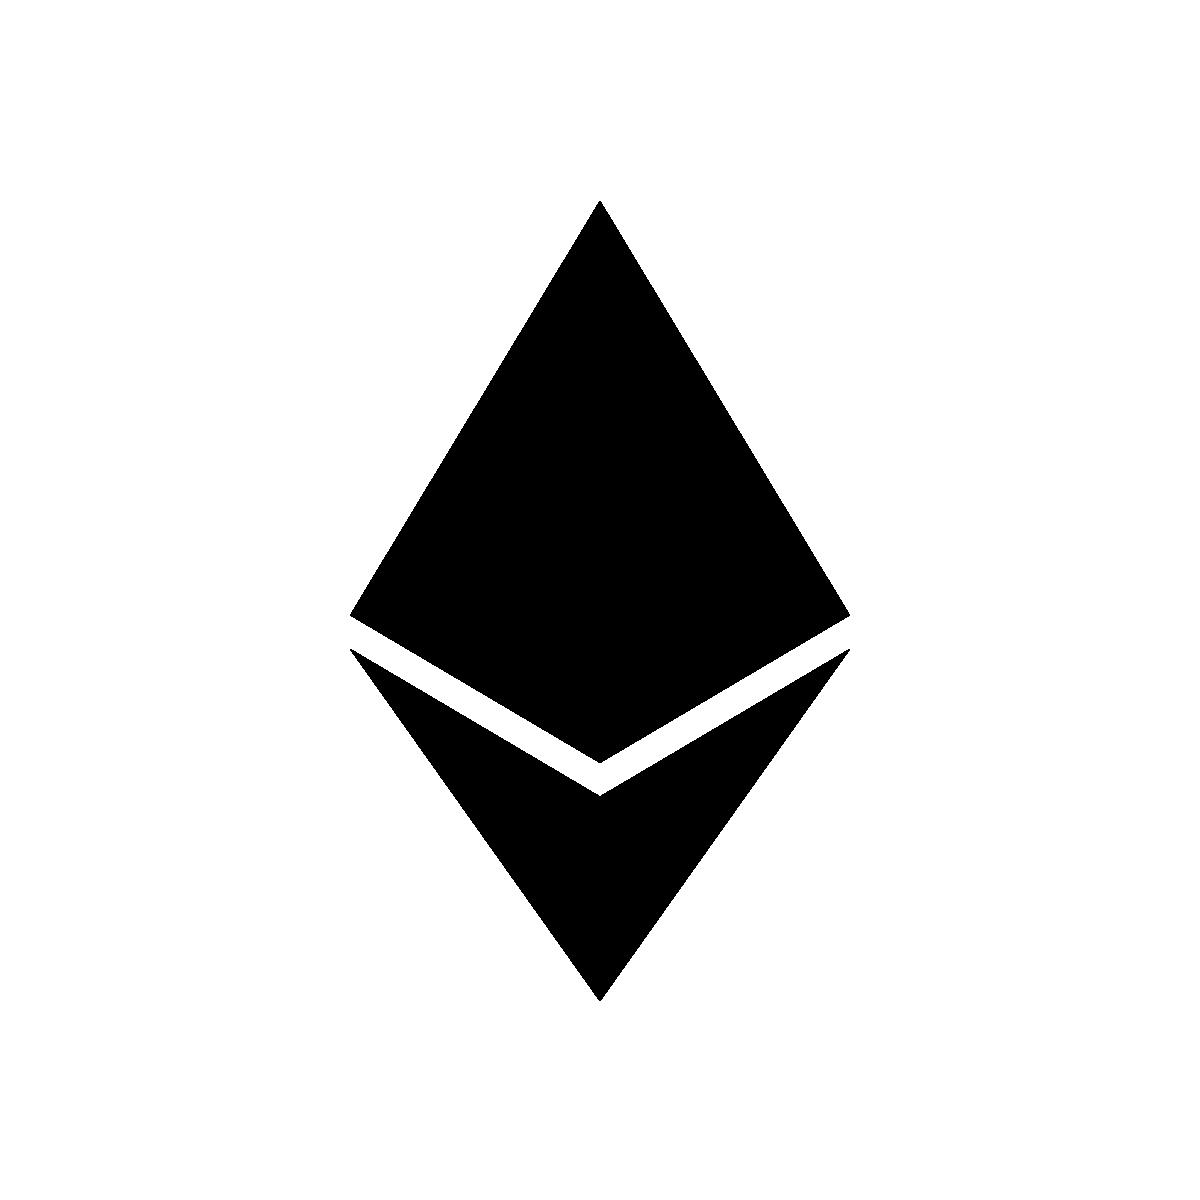 Que Ethereum se convierta en la criptomoneda número 1 «parece imparable», dice el director general de deVere Group